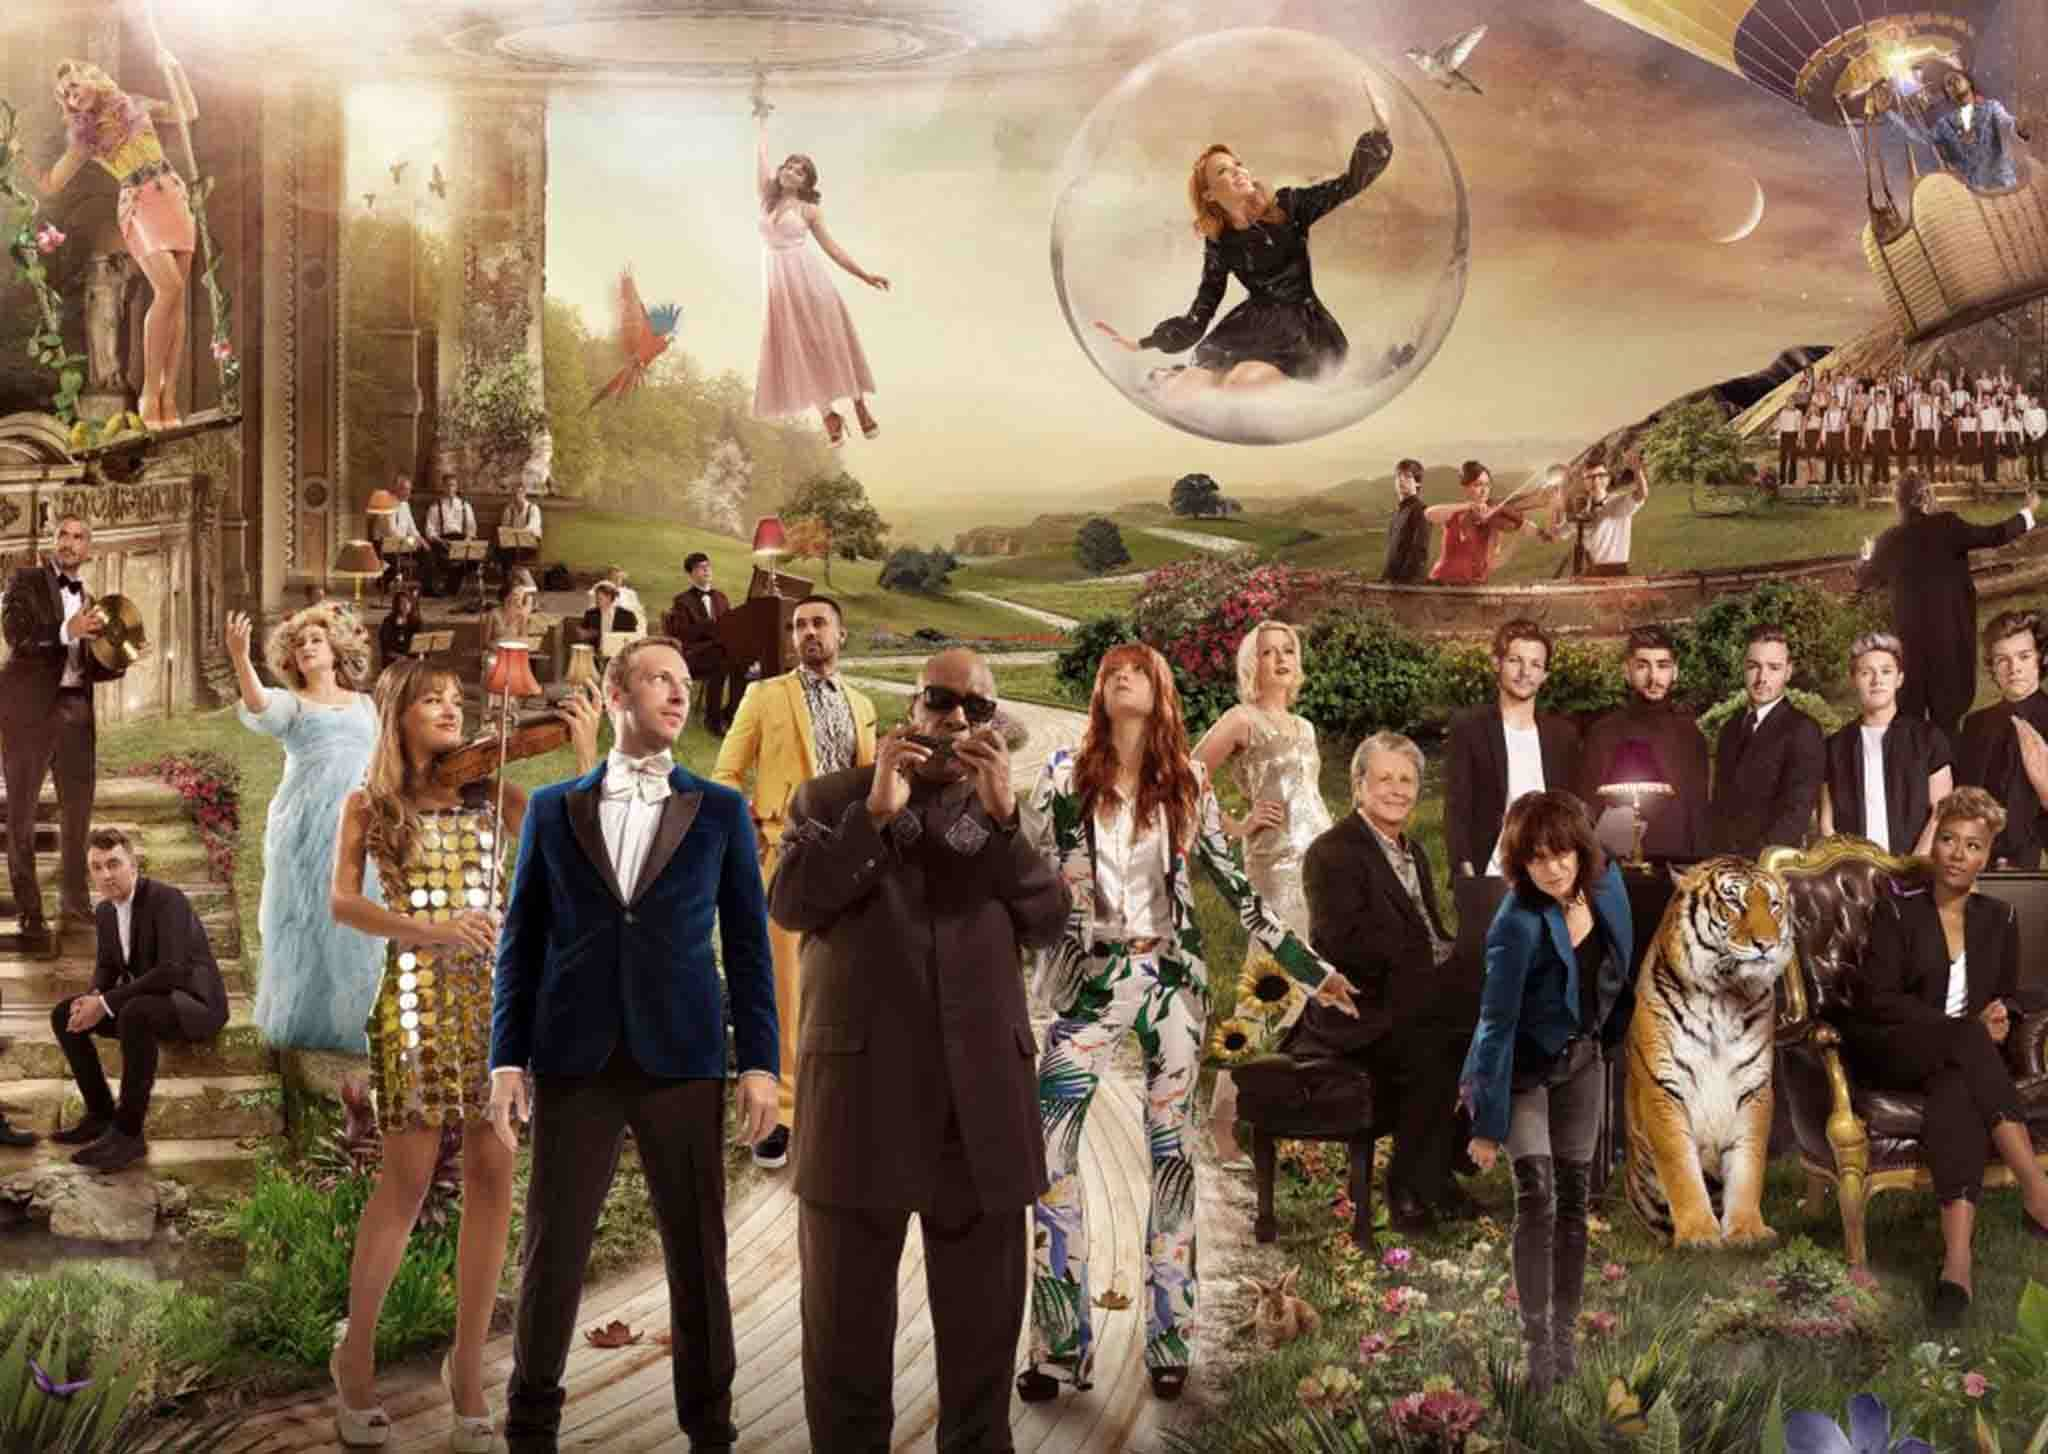 「男版Adele」 山姆史密斯+一世代+酷玩樂團聽起來是…?英國史上最豪華合唱陣容!